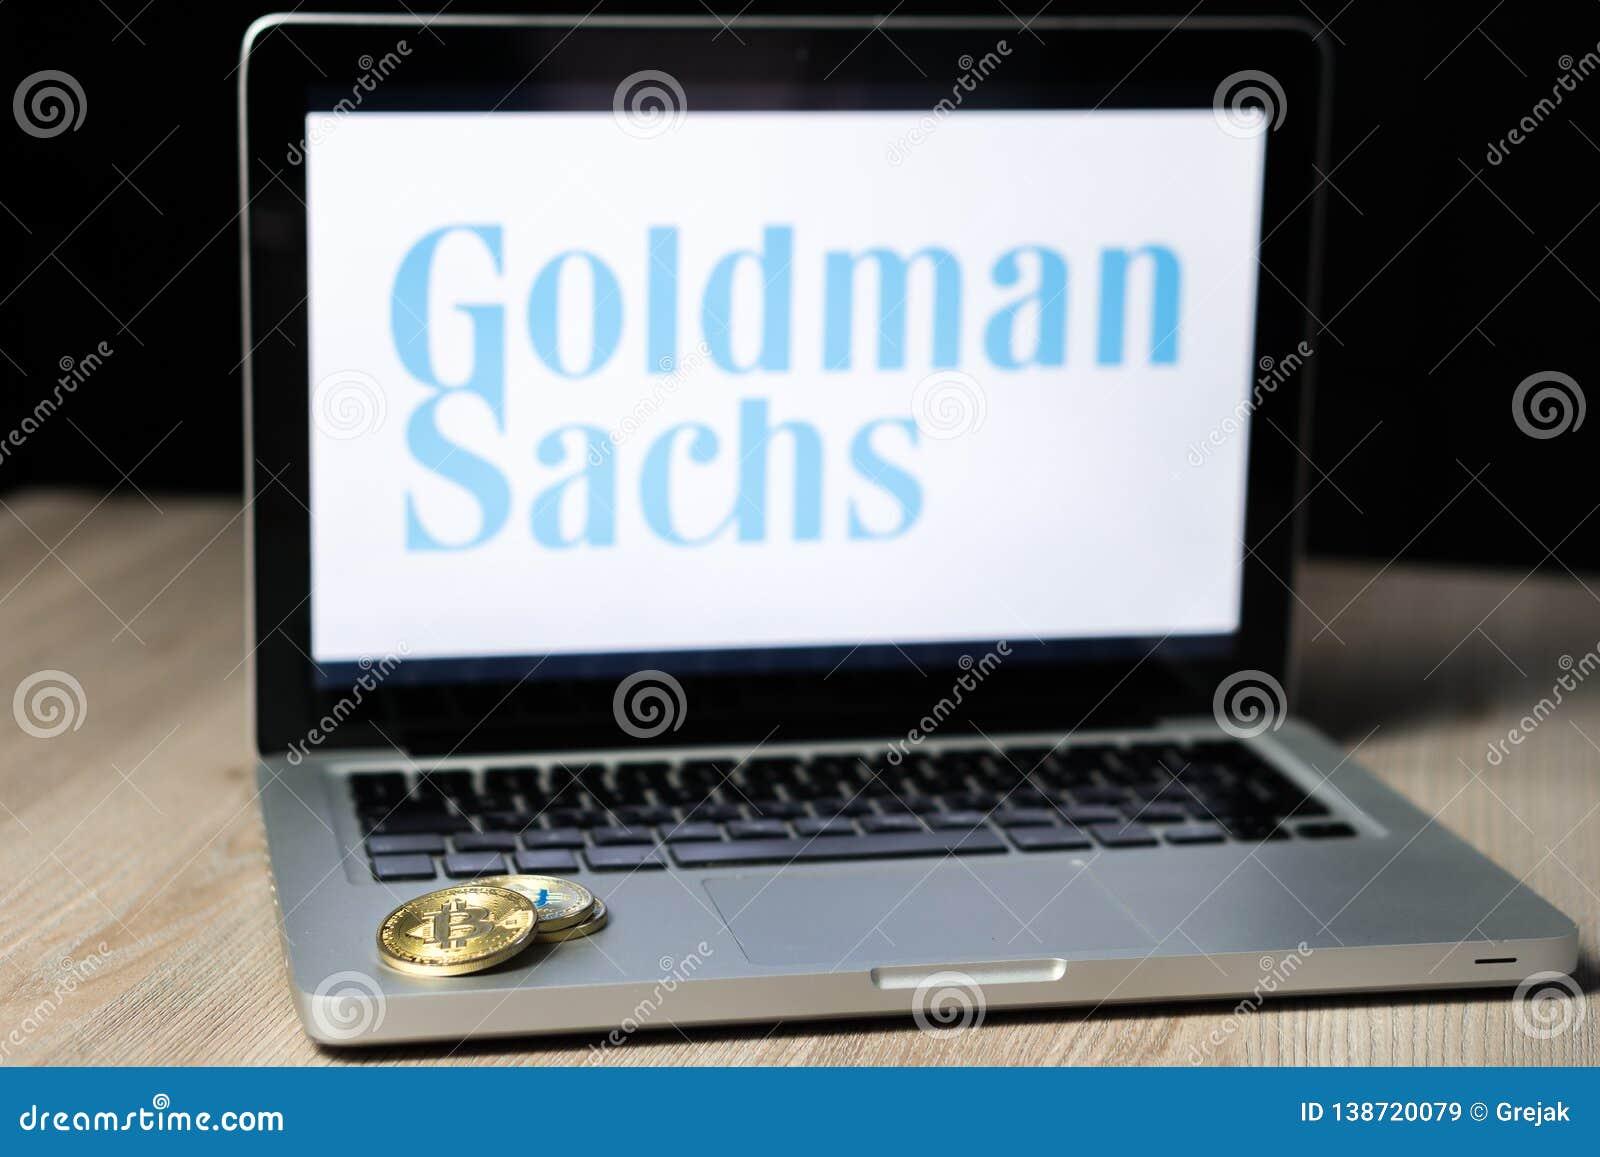 Bitcoinmuntstuk met het embleem van Goldman sachs op het laptop scherm, Slovenië - December 23th, 2018